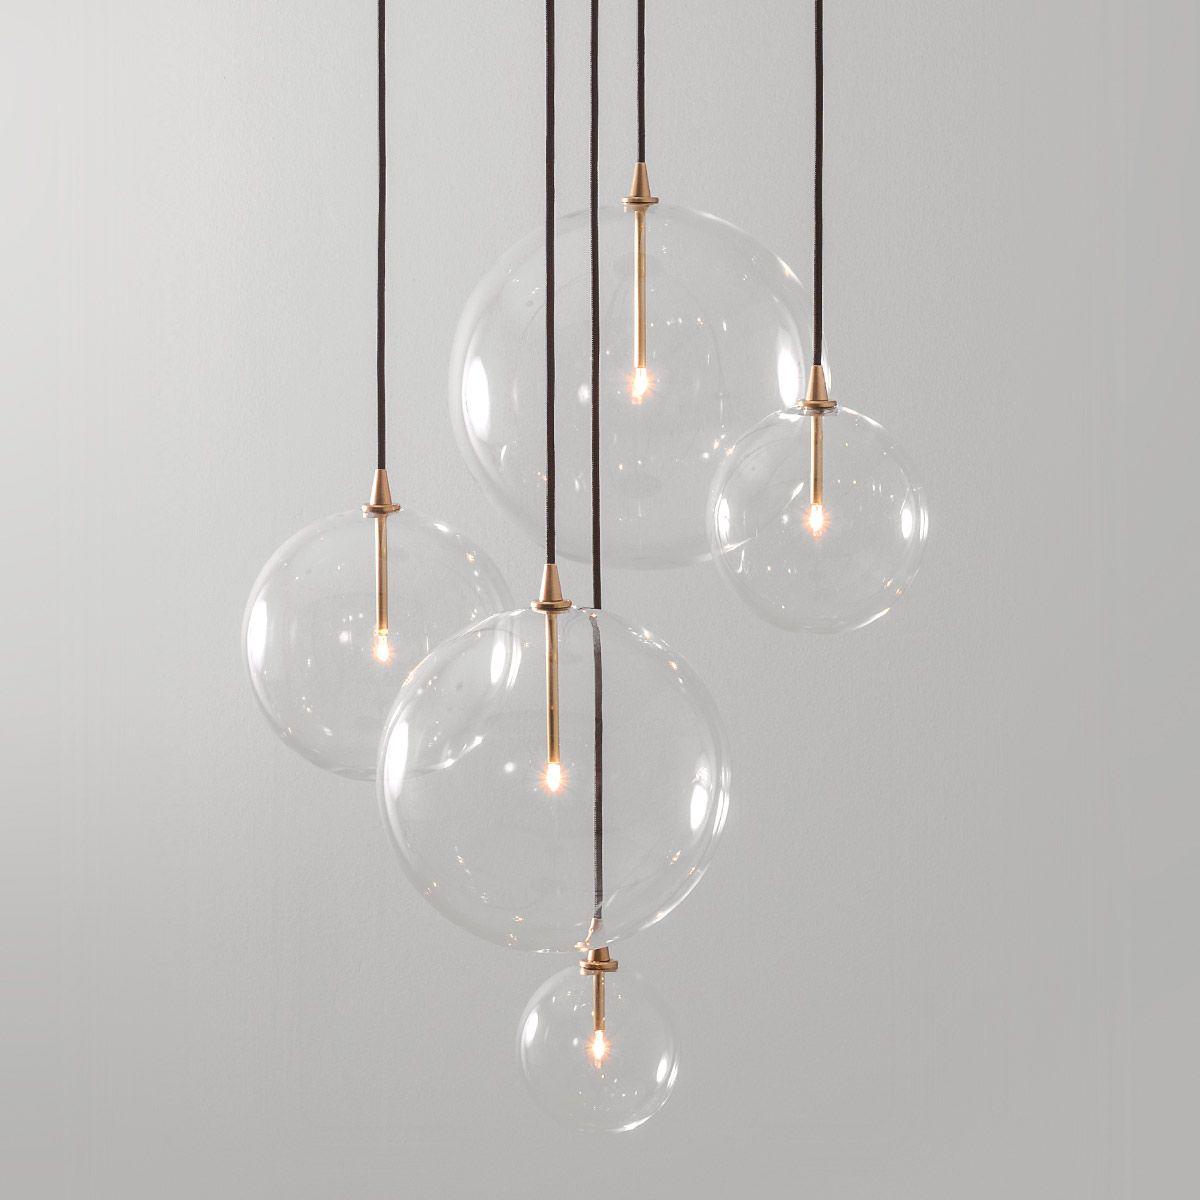 Elegante Moderne Glaskugel Pendelleuchte Borosilikatglas Mit O 15 Bis 35 Cm Von Schwung Home Die Leuchte Ist Lampen Treppenhaus Modernes Glas Pendelleuchte